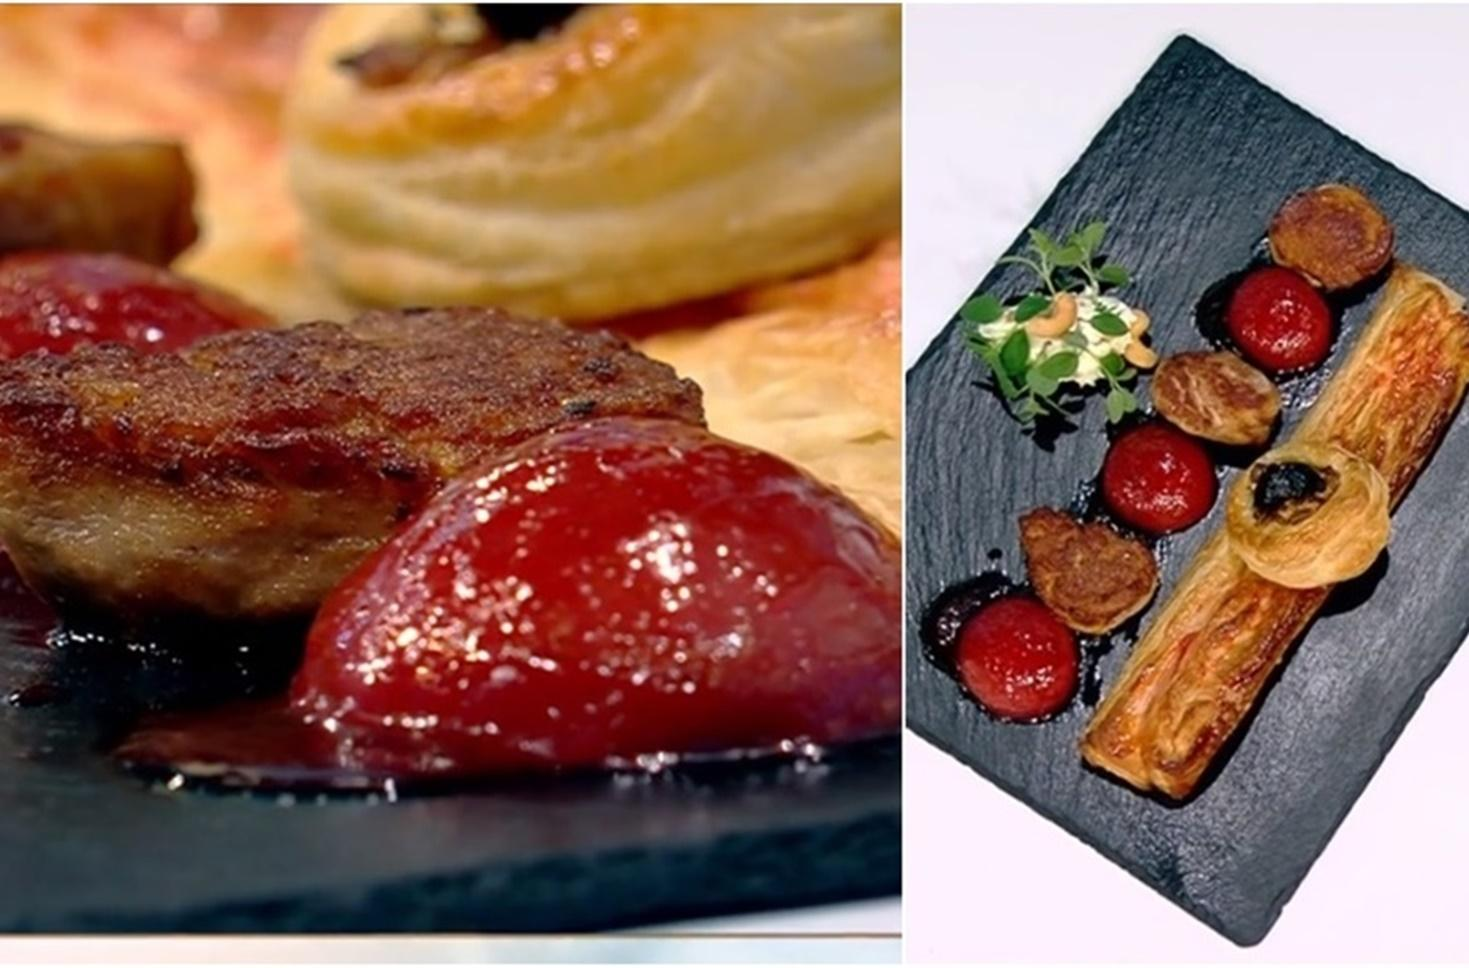 Mușchiuleț de porc cu sos delicios de prune și foietaj crocant cu bacon